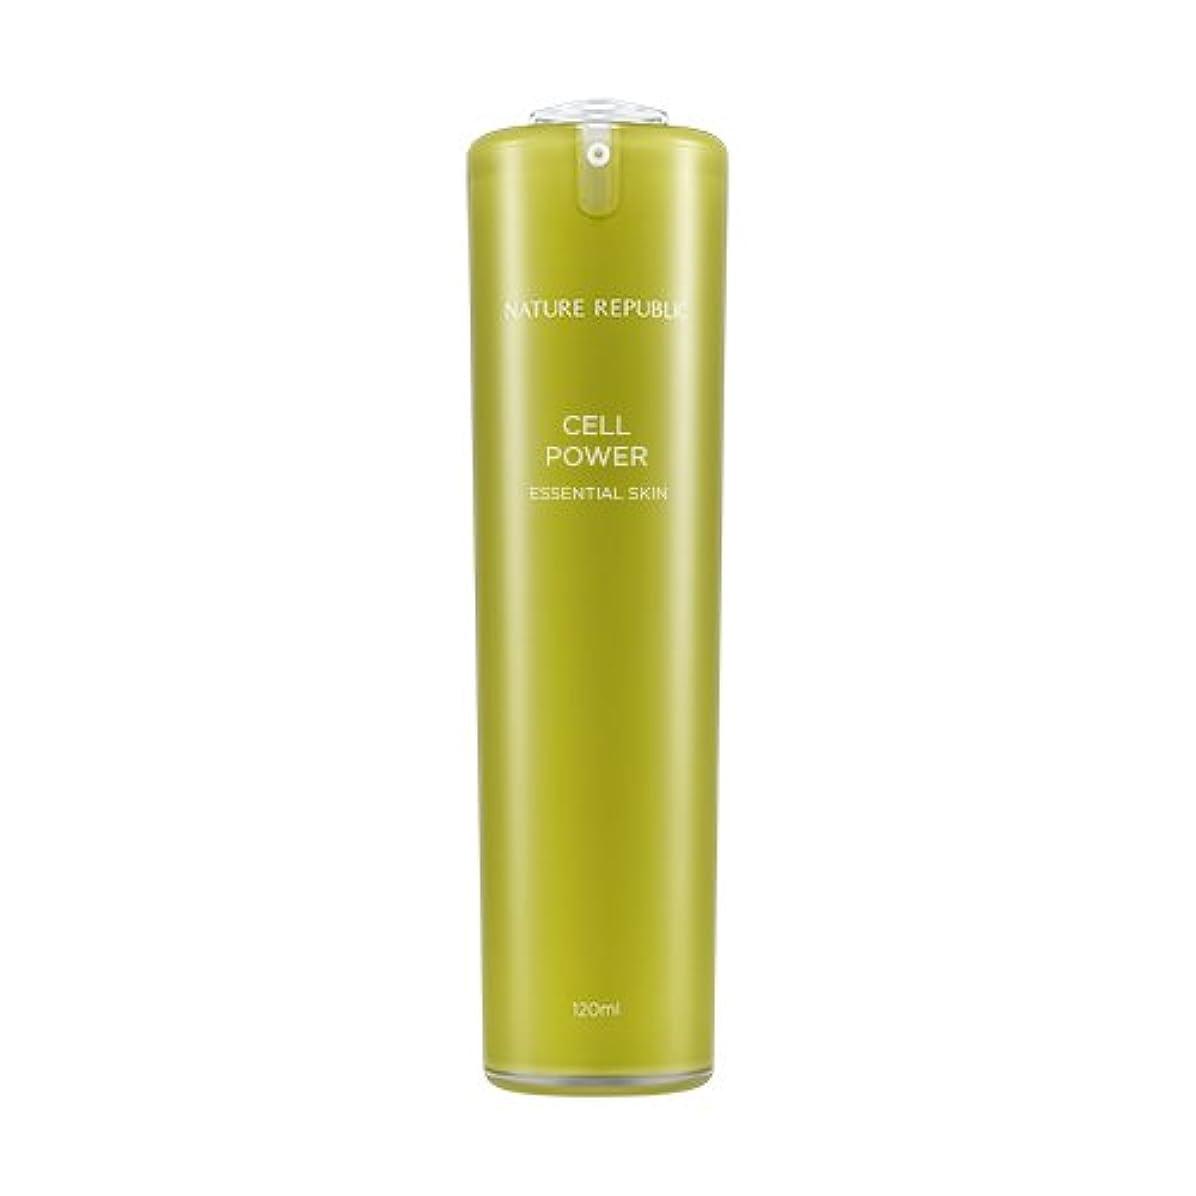 カーテン唯一祝うNATURE REPUBLIC Cell Power Essential Skin / ネイチャーリパブリックセルパワーエッセンシャルスキン 120ml [並行輸入品]